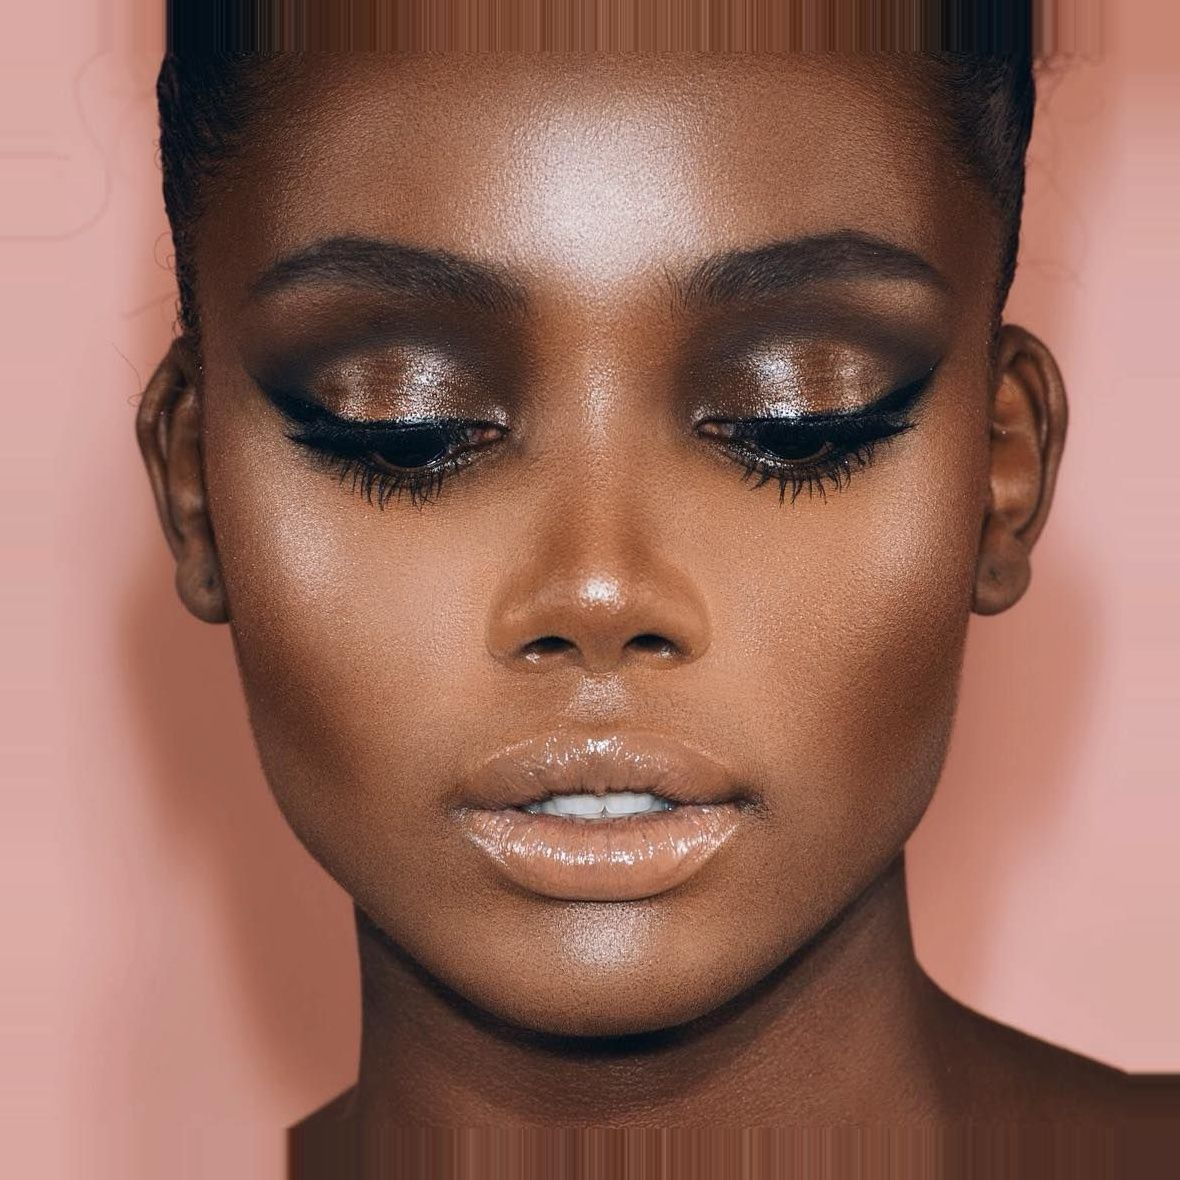 #eyes #eyeshadow #Geek #hooded #makeup #palette